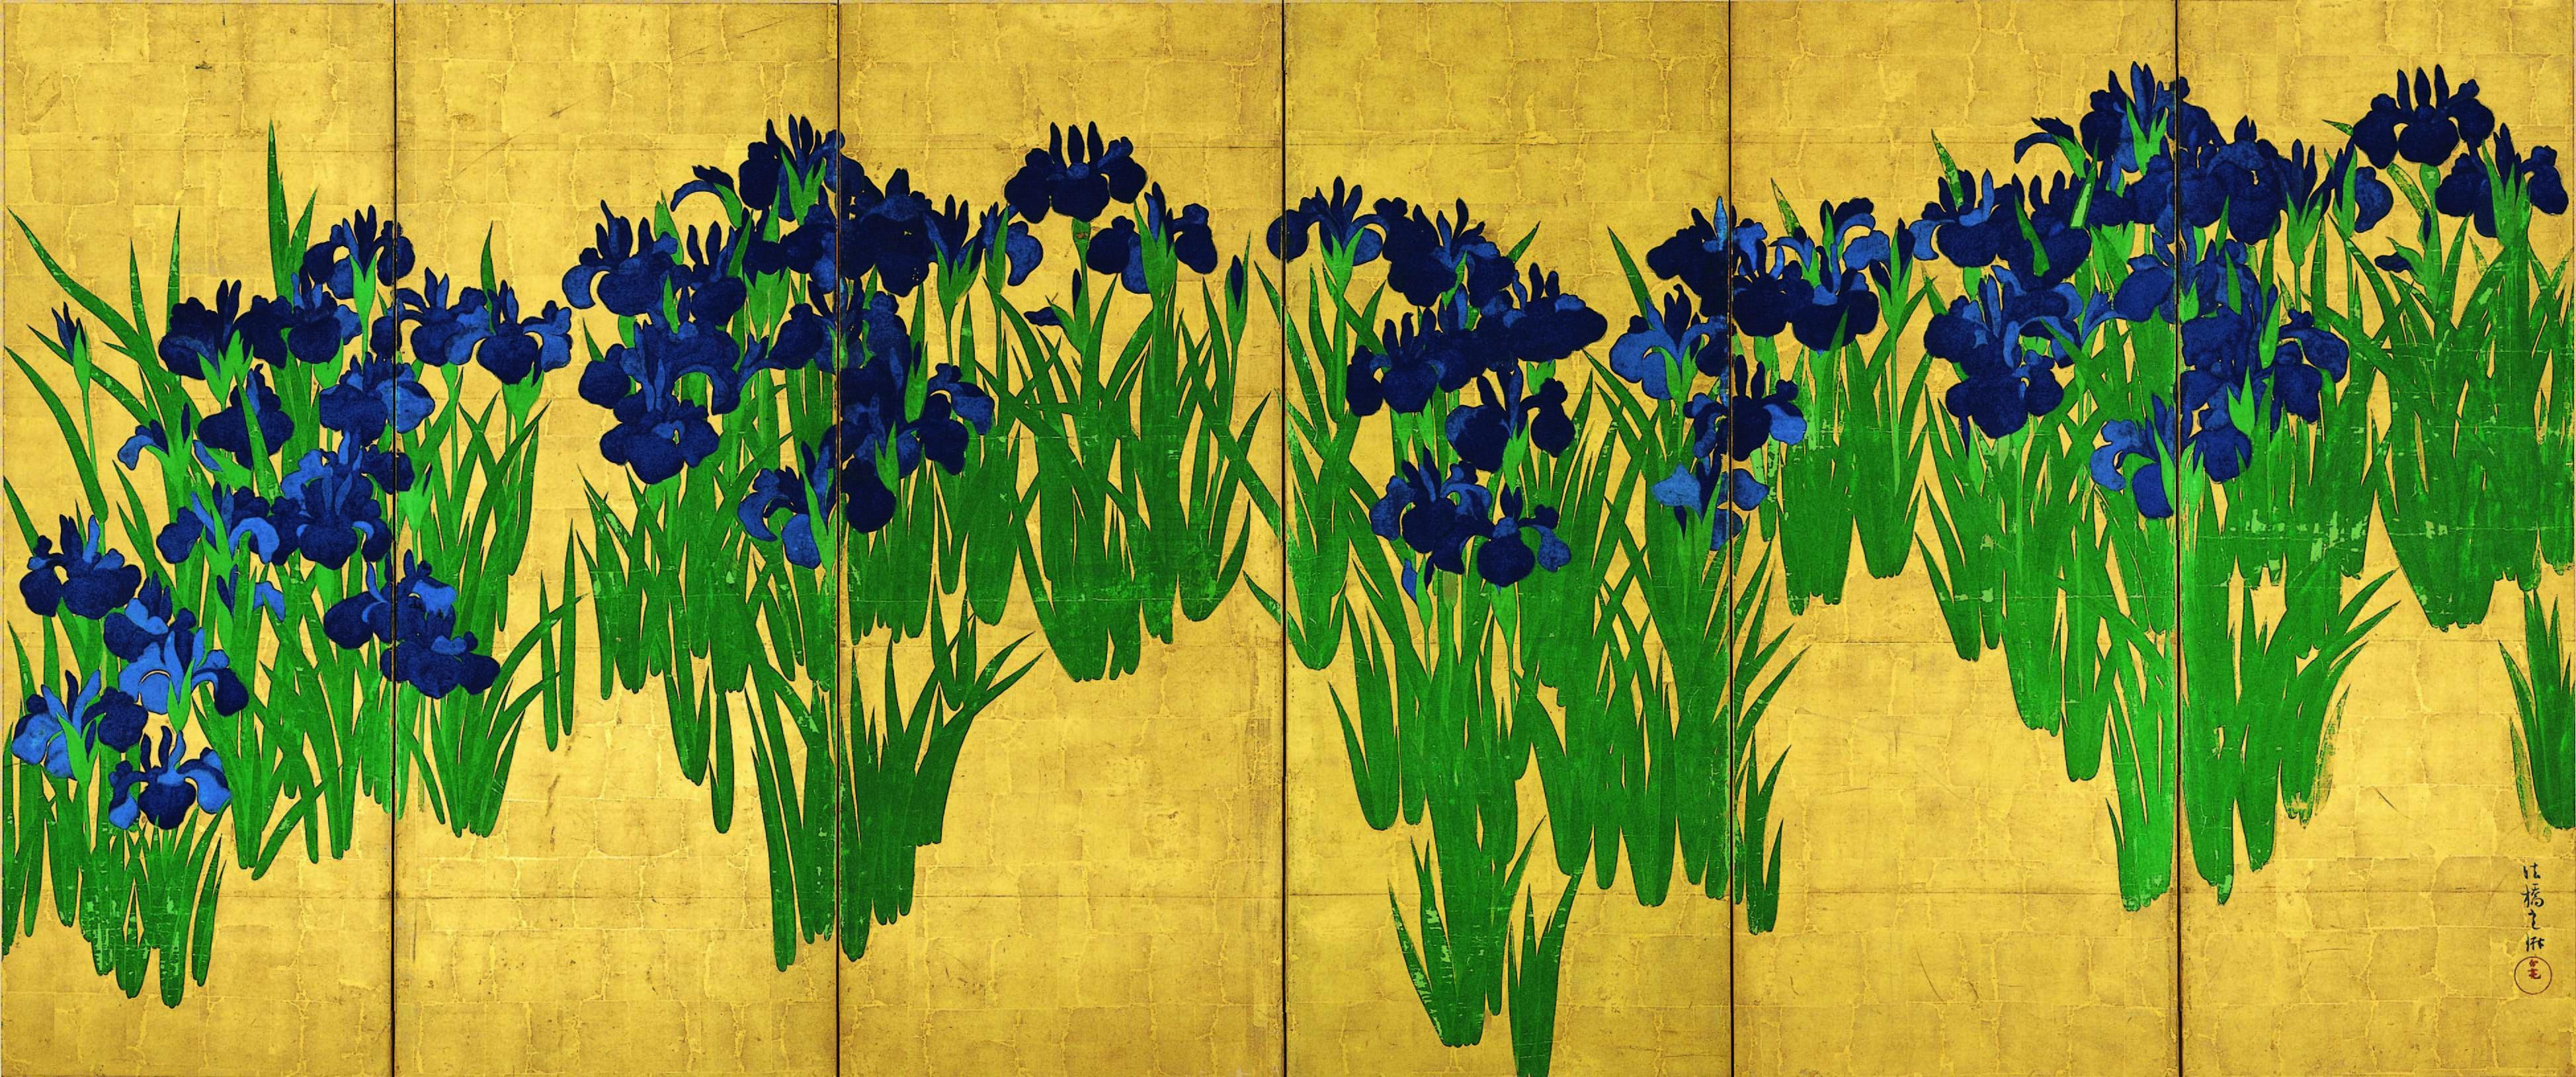 国宝 燕子花図屏風(右隻)尾形光琳筆 日本・江戸時代 18世紀 根津美術館蔵